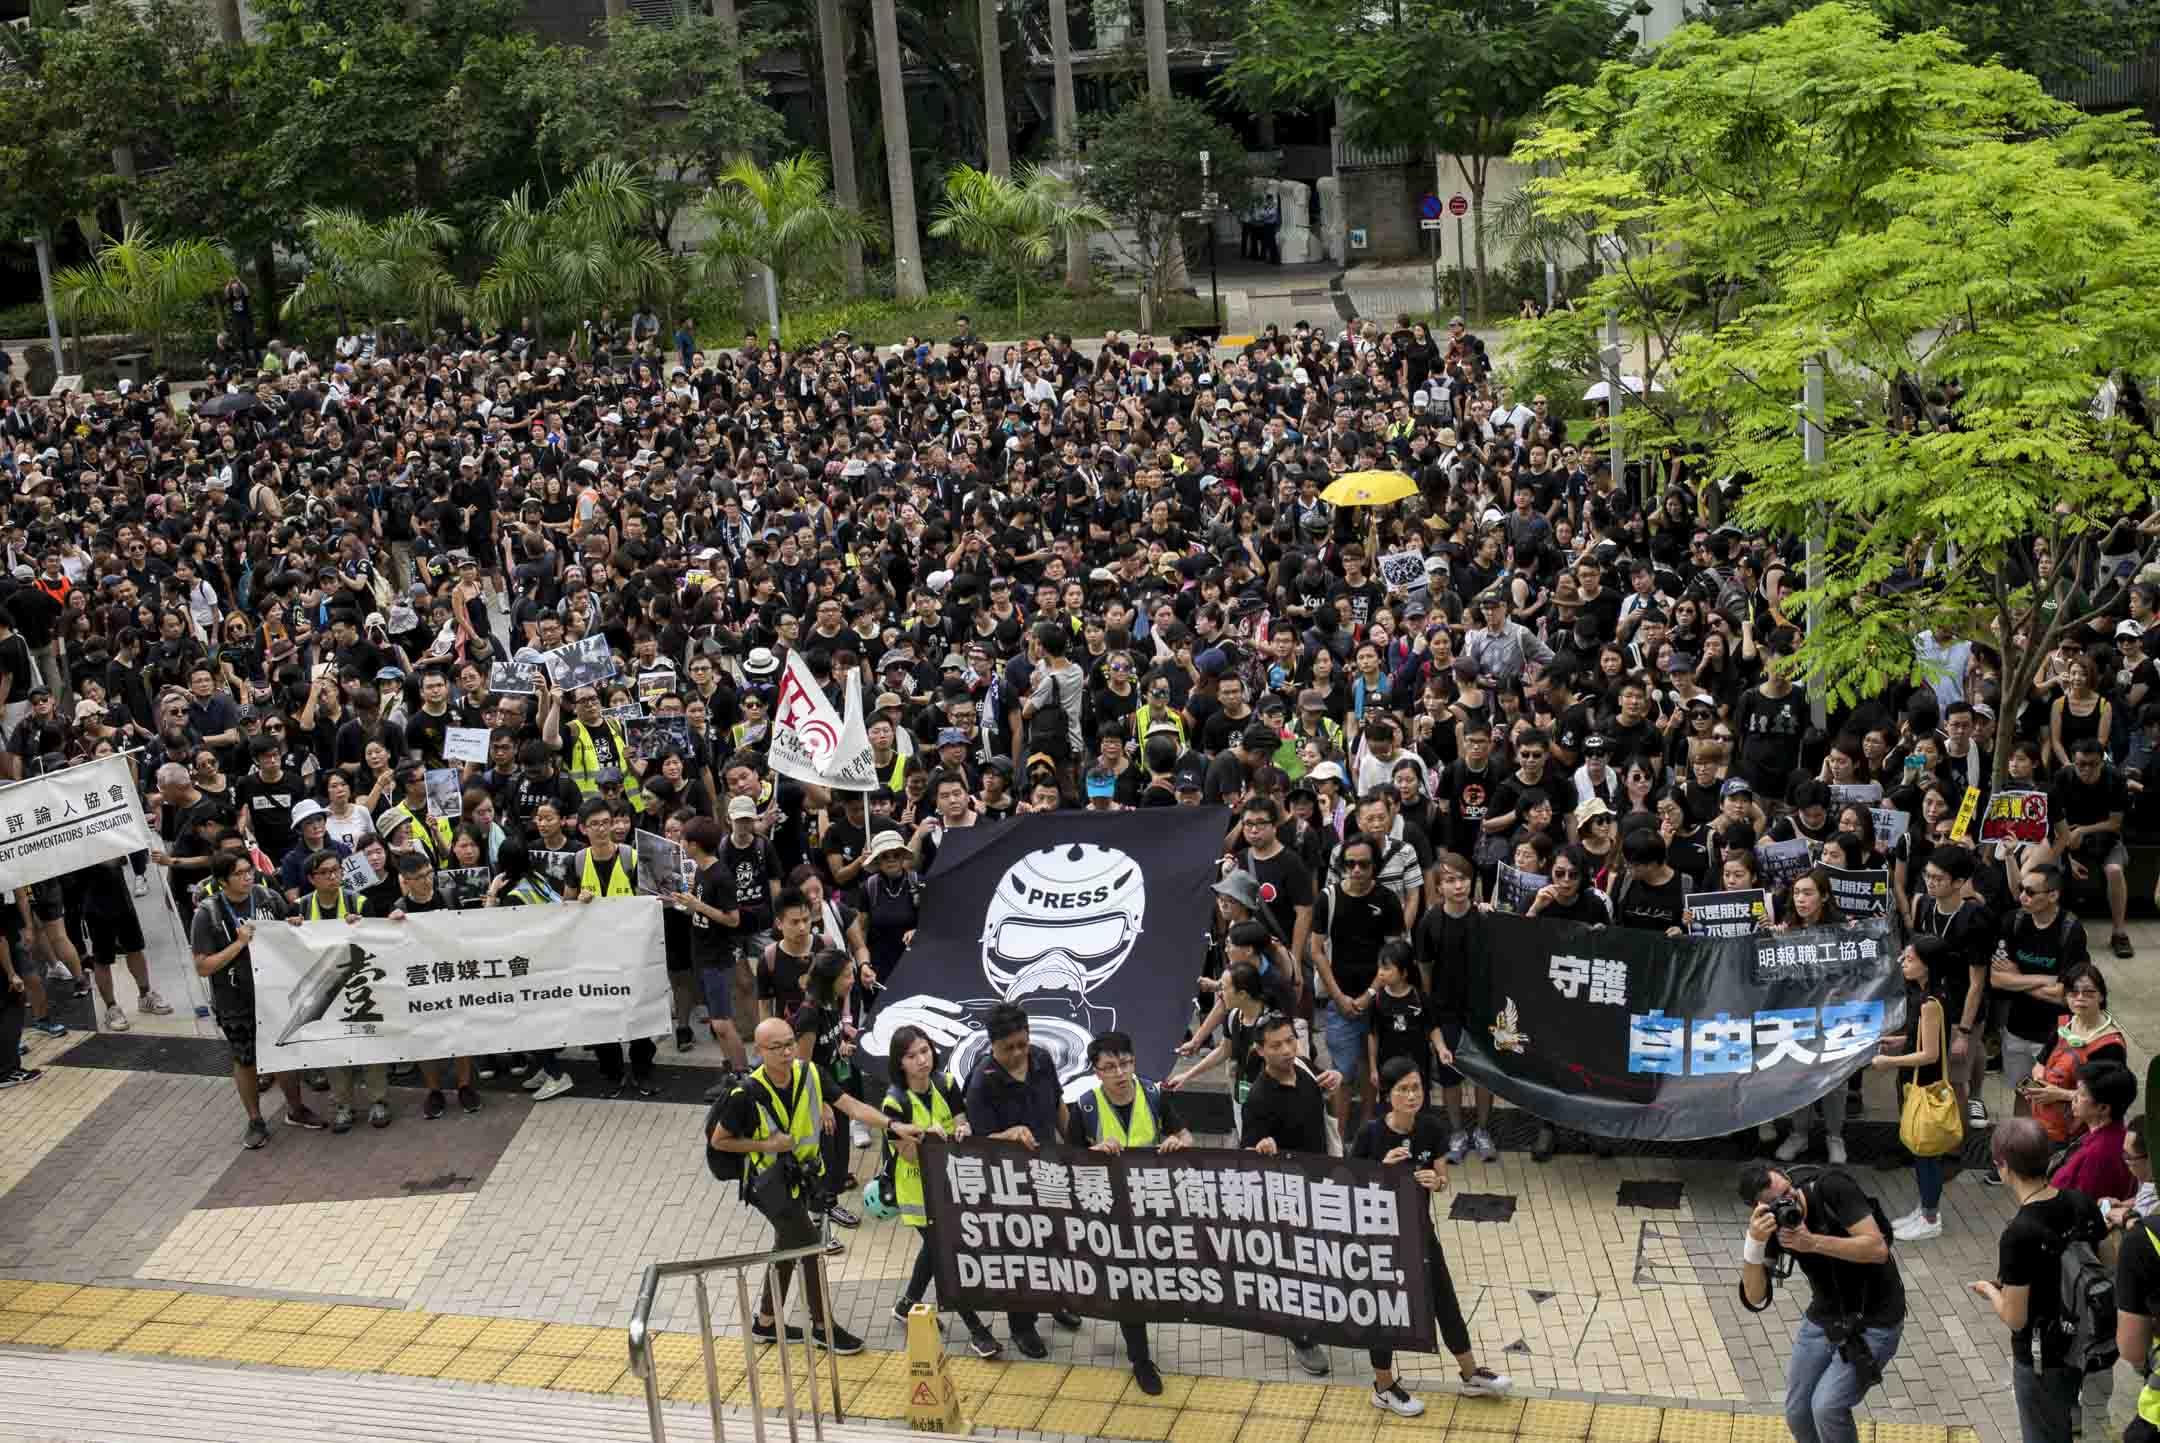 2019年7月14日,七個傳媒工會發起「停止警暴 捍衛新聞自由」新聞界靜默遊行,要求警方尊重新聞自由。 攝:林振東/端傳媒